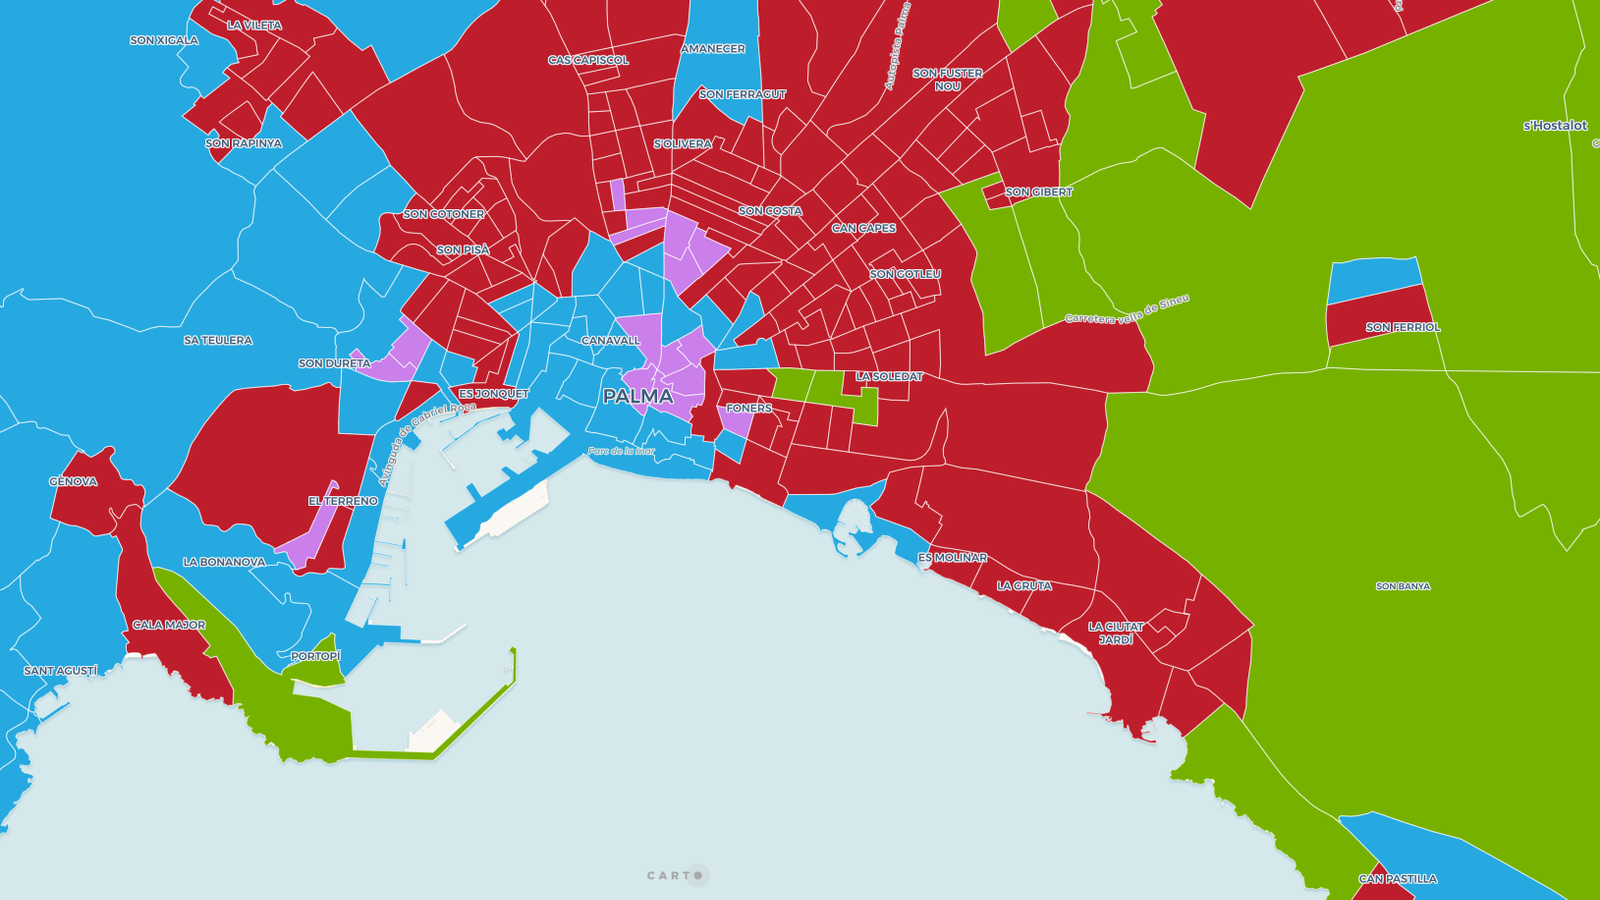 Captura de pantalla del mapa dels resultats electorals del 10-N per seccions censals.